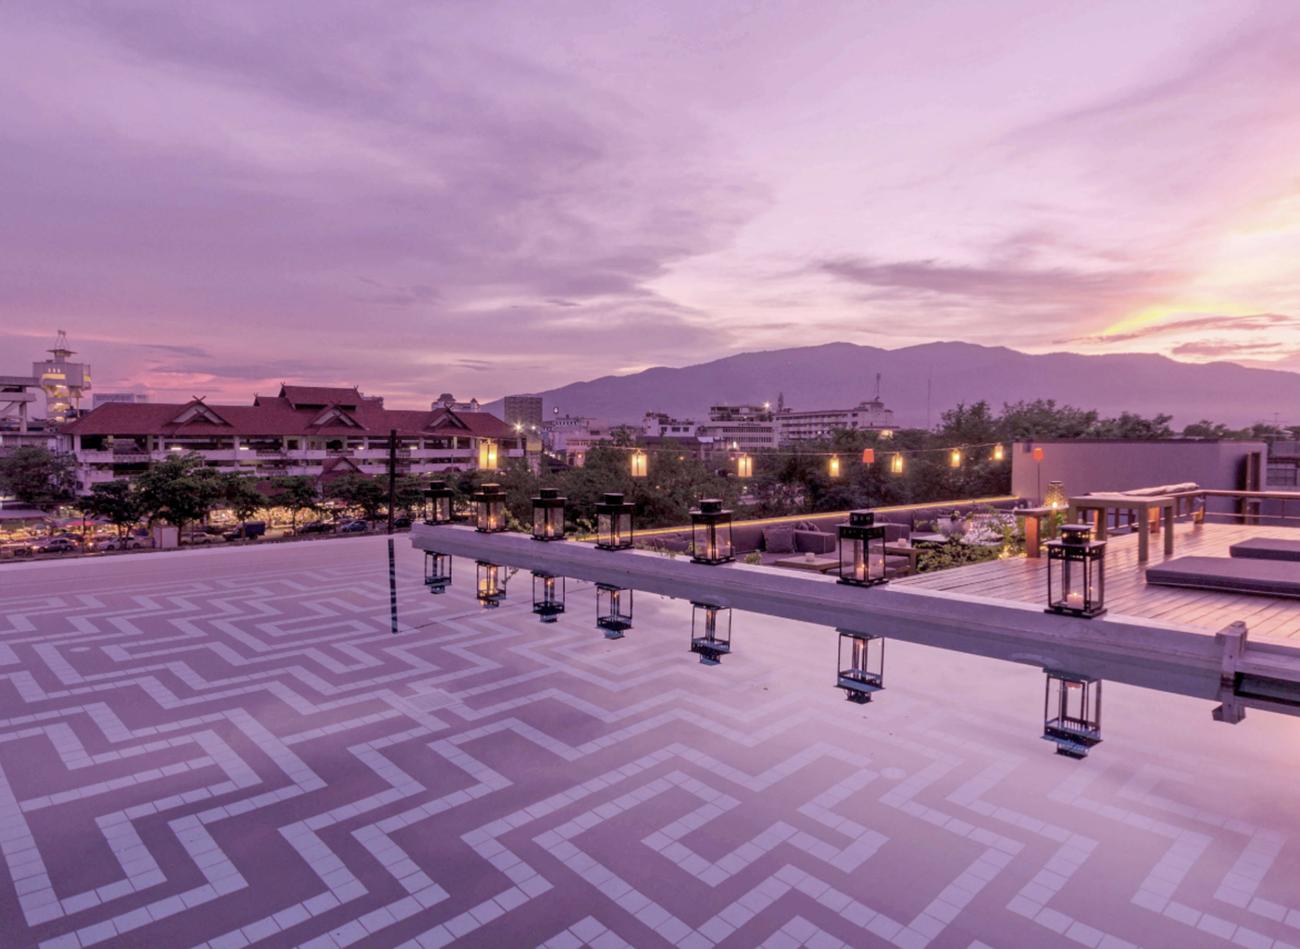 Sala Lanna Hotel